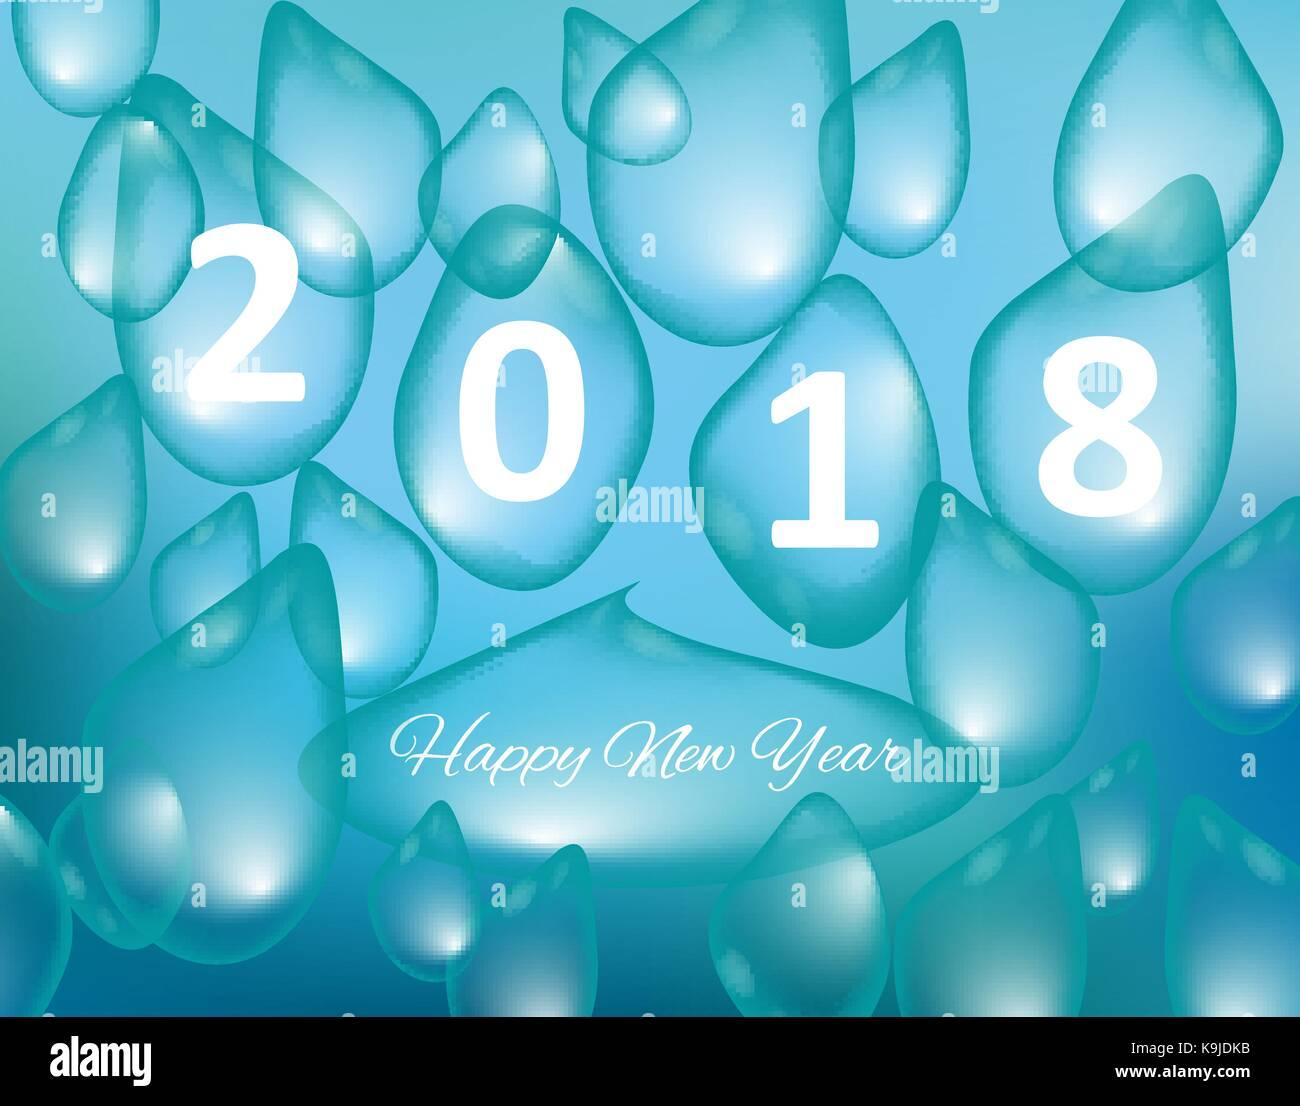 Frohe Weihnachten Und Guten Rutsch Ins Neue Jahr 2018 Ein Urlaub